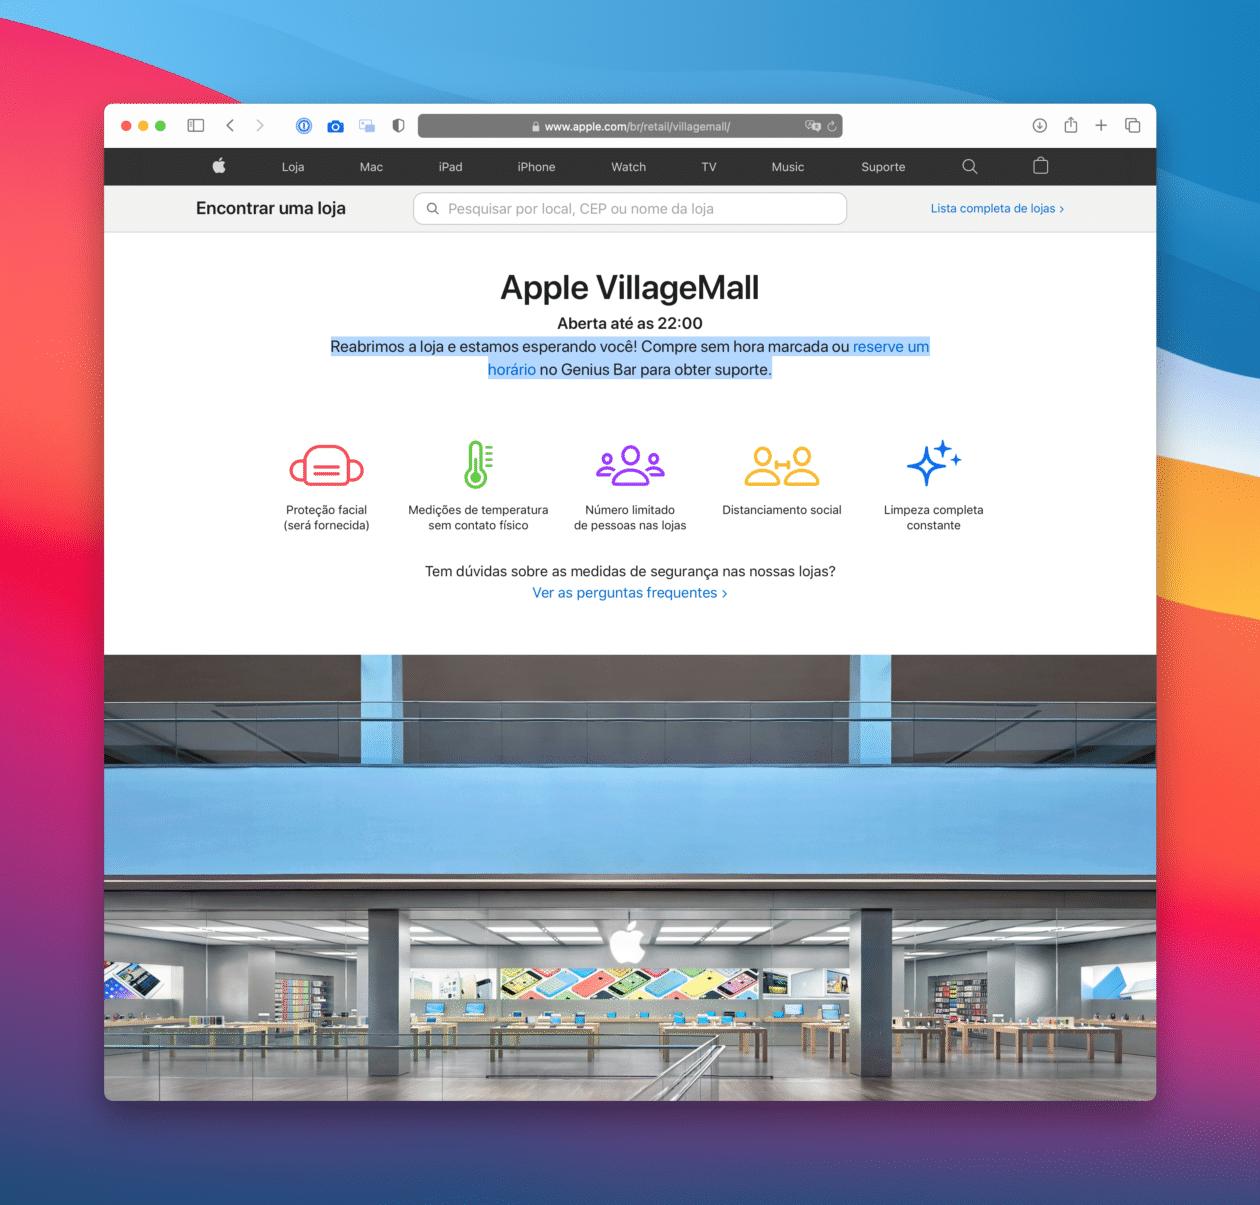 Página da Apple VillageMall